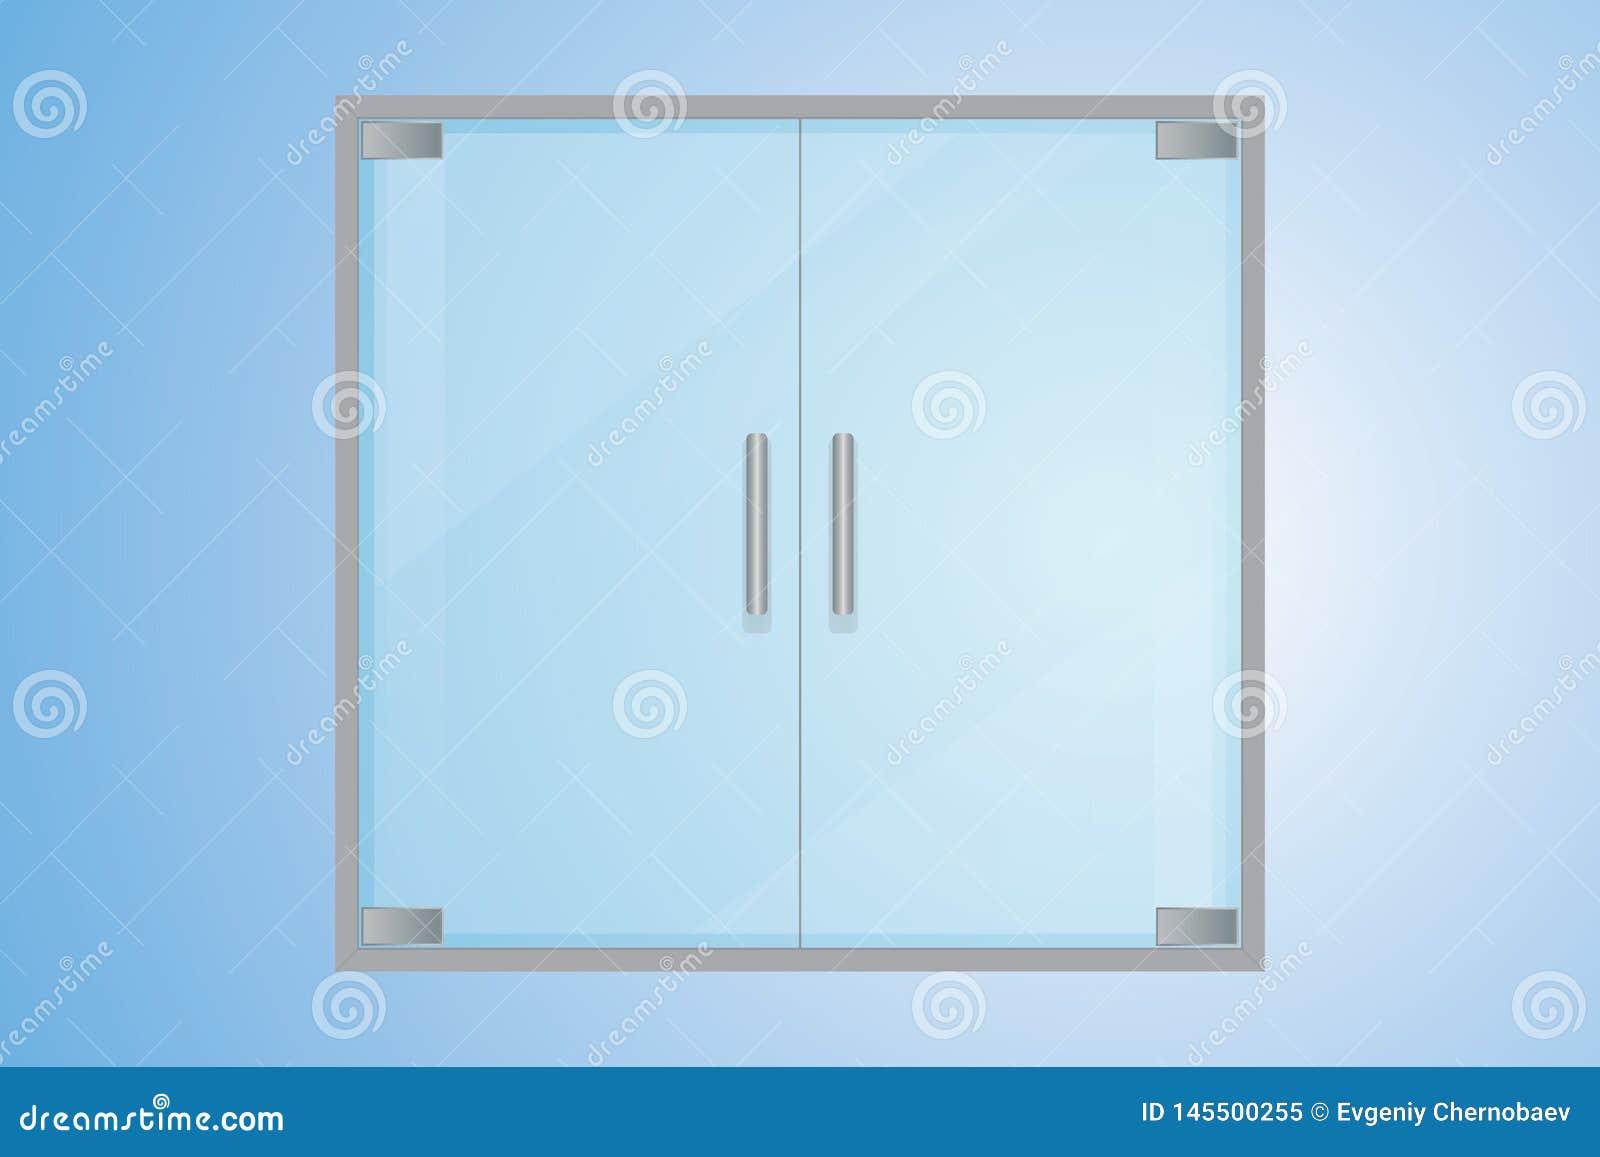 Γαλαζοπράσινες διαφανείς πόρτες γυαλιού με τις λαβές μετάλλων λαβών μετάλλων swith Μπλε διαφανείς διπλές πόρτες με την κλίση μετά